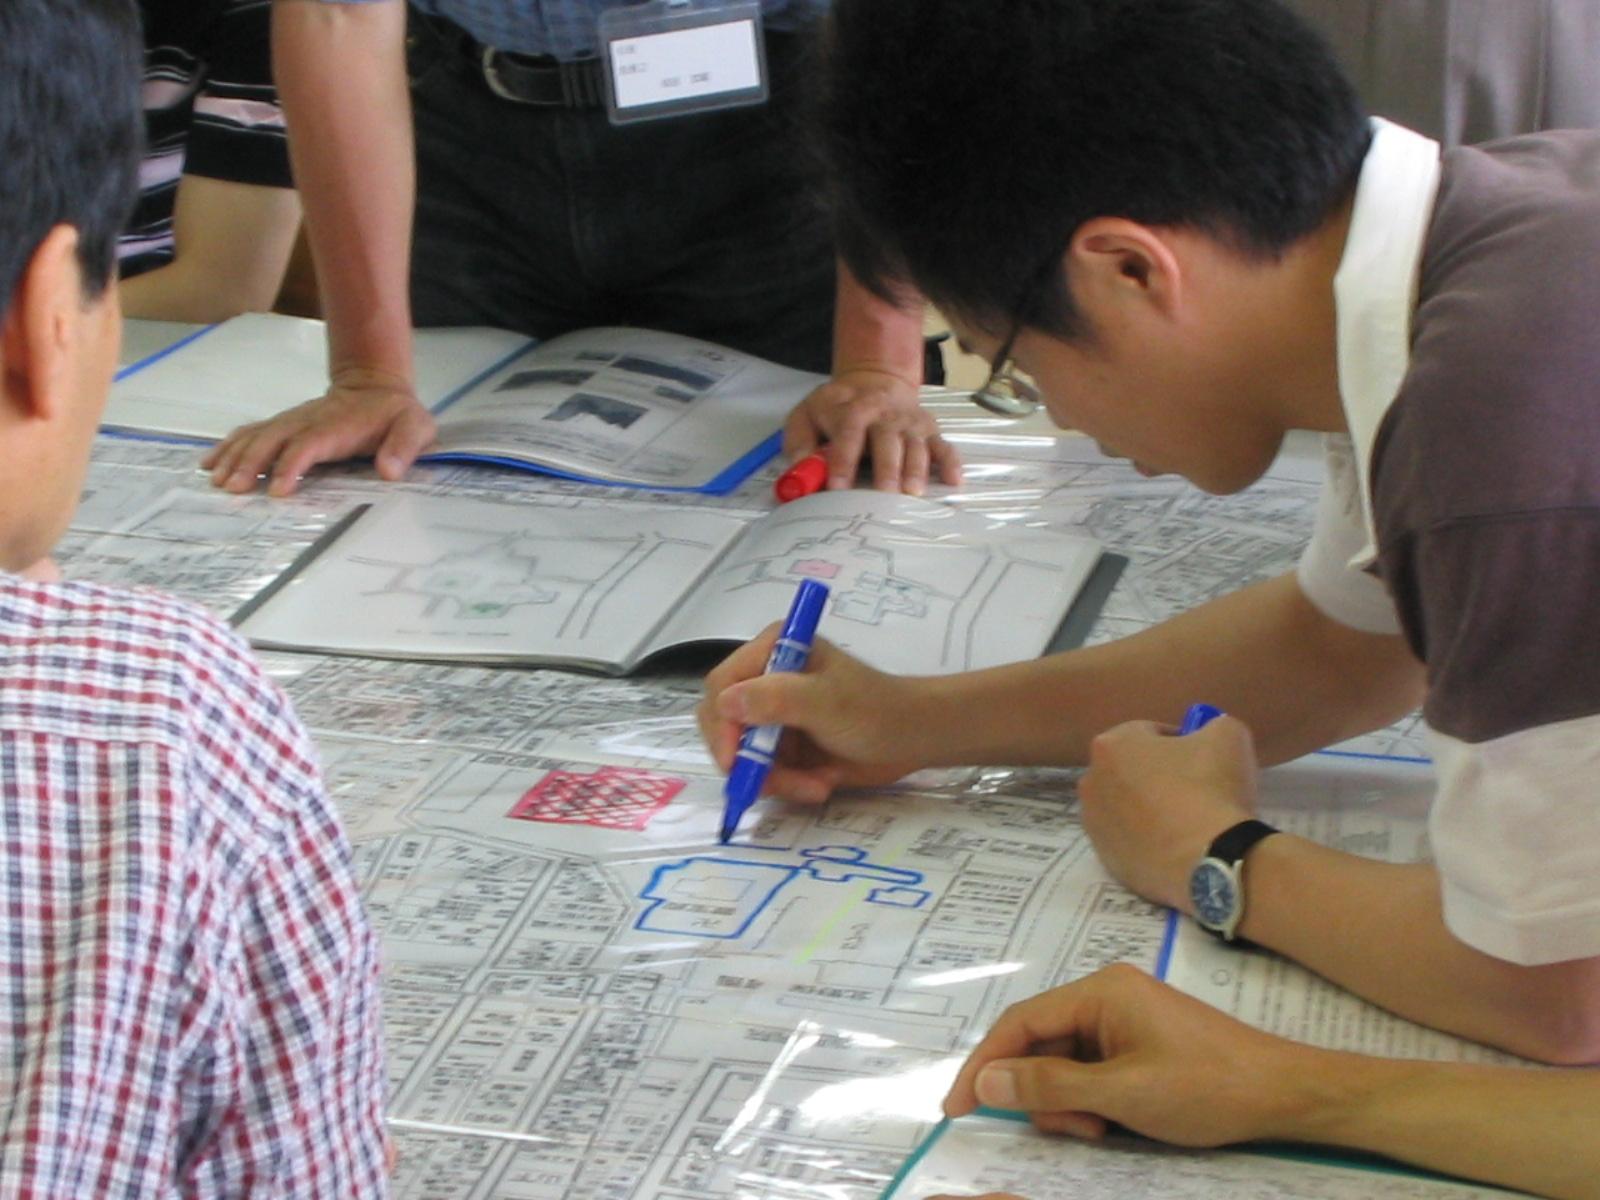 仕事の範囲のみにとどまらず、文化財防災に関わる研究、調査を行っている。写真は文化財市民レスキュー災害図上訓練の様子。